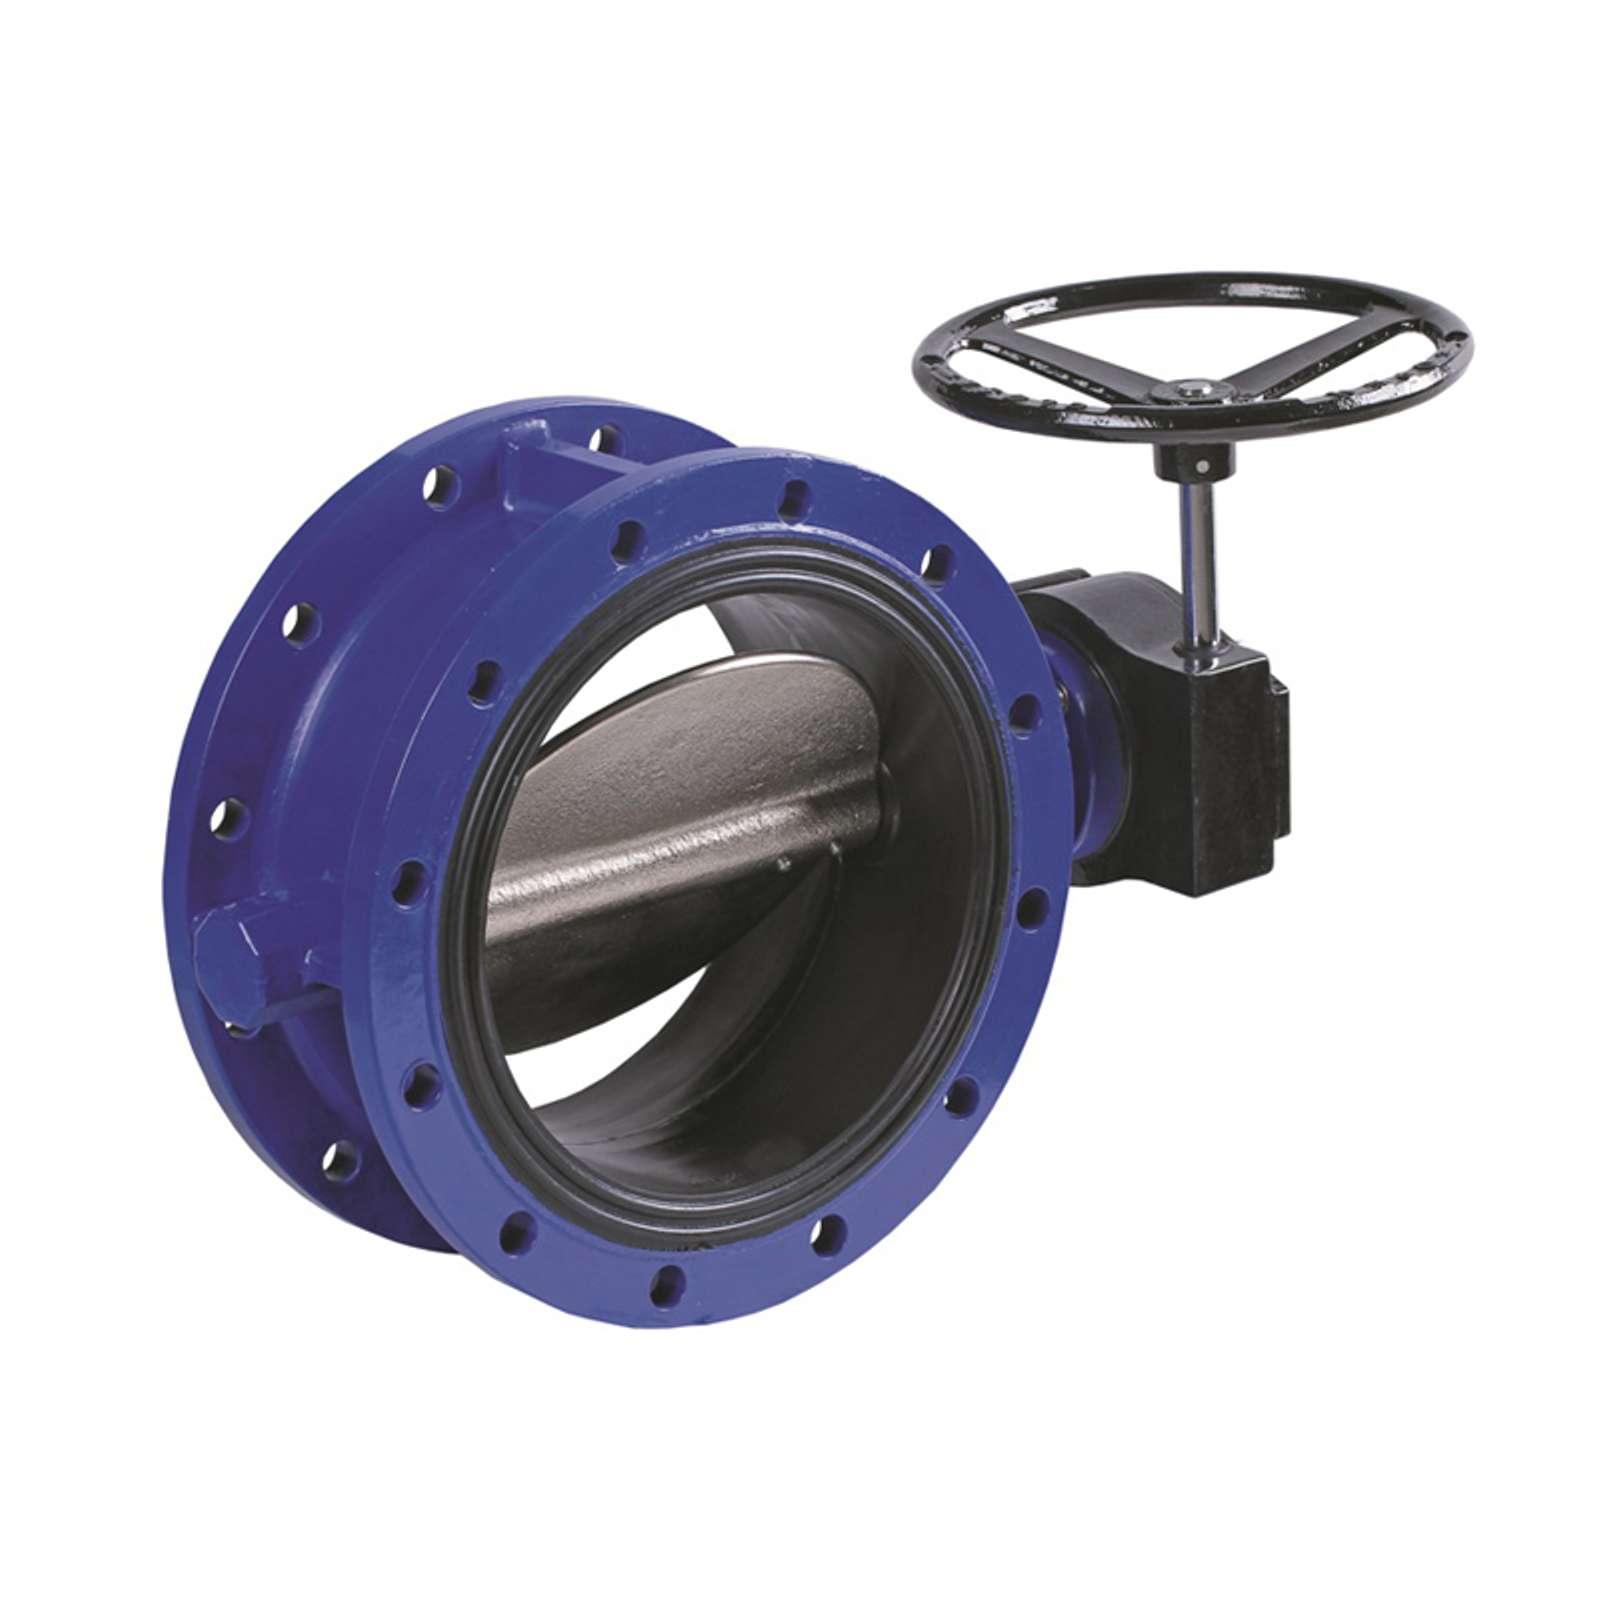 Затвор поворотный дисковый DENDOR тип 021F Ду400 Ру16 с редуктором